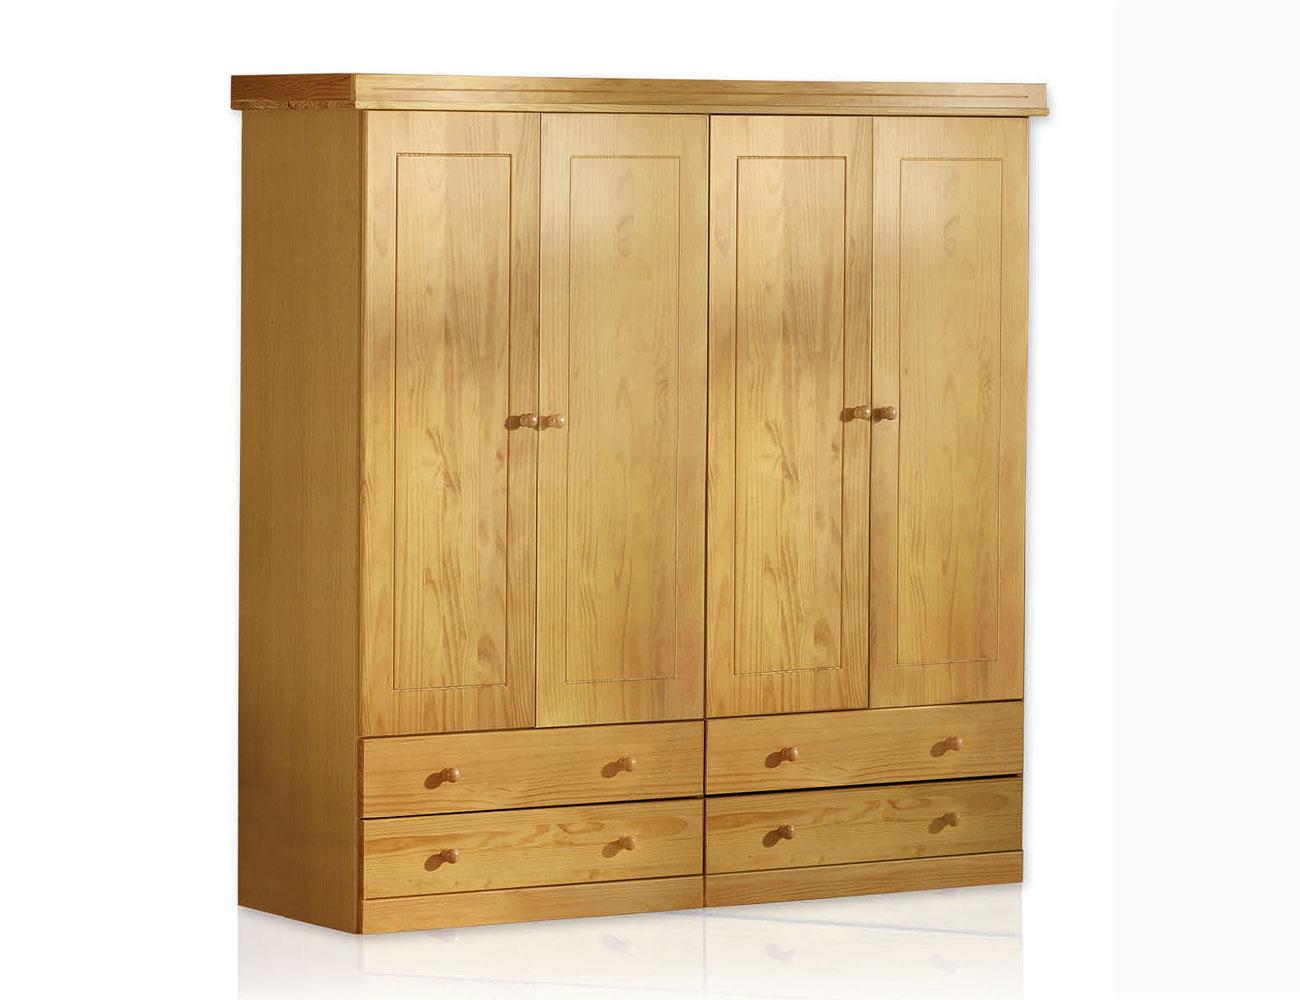 cama litera dormitorio juvenil en madera color miel con